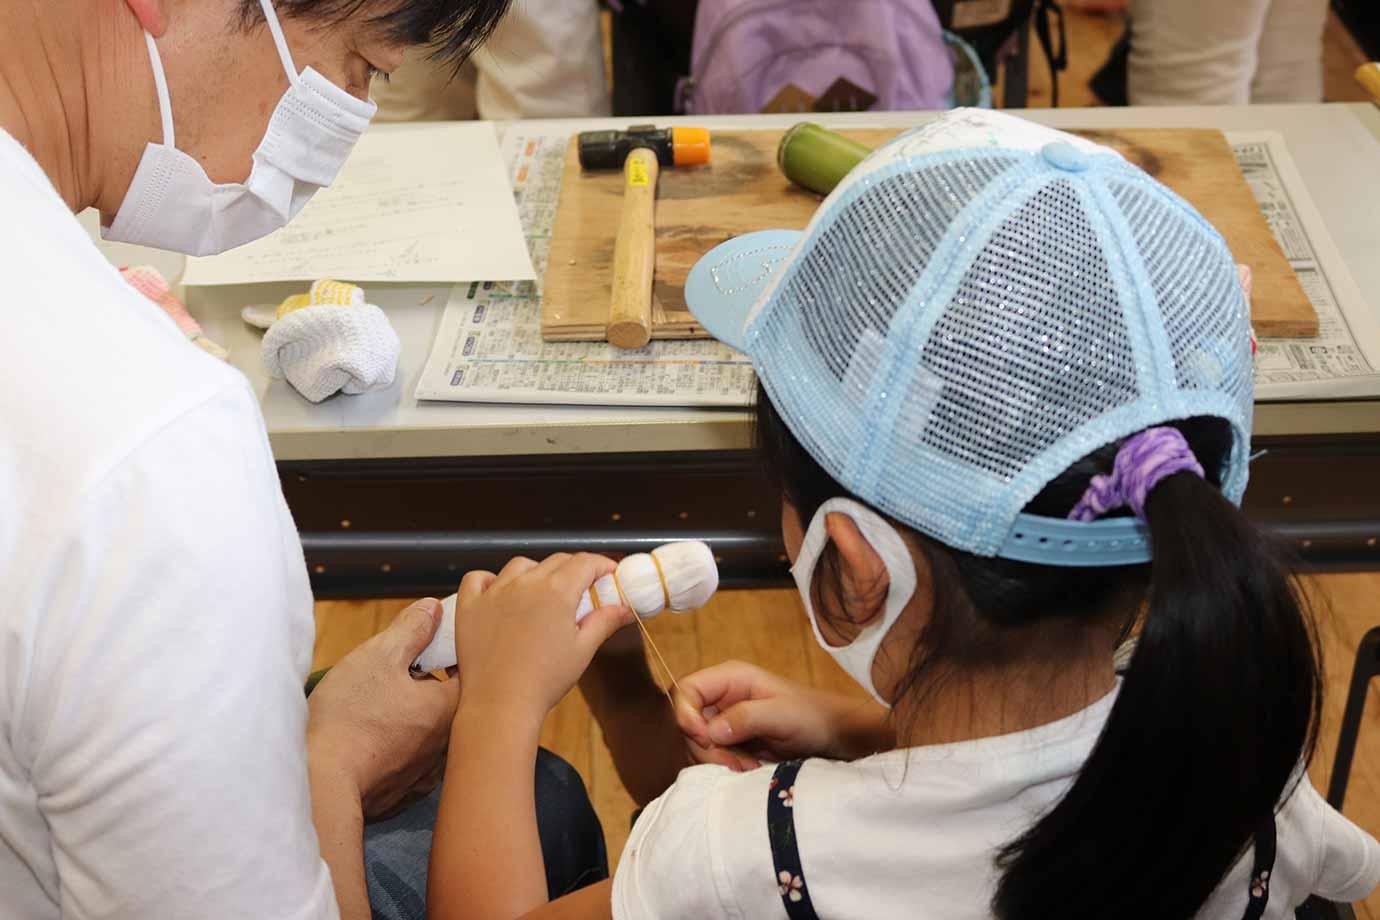 使う材料も工夫して、子どもでも取り組みやすい作り方に